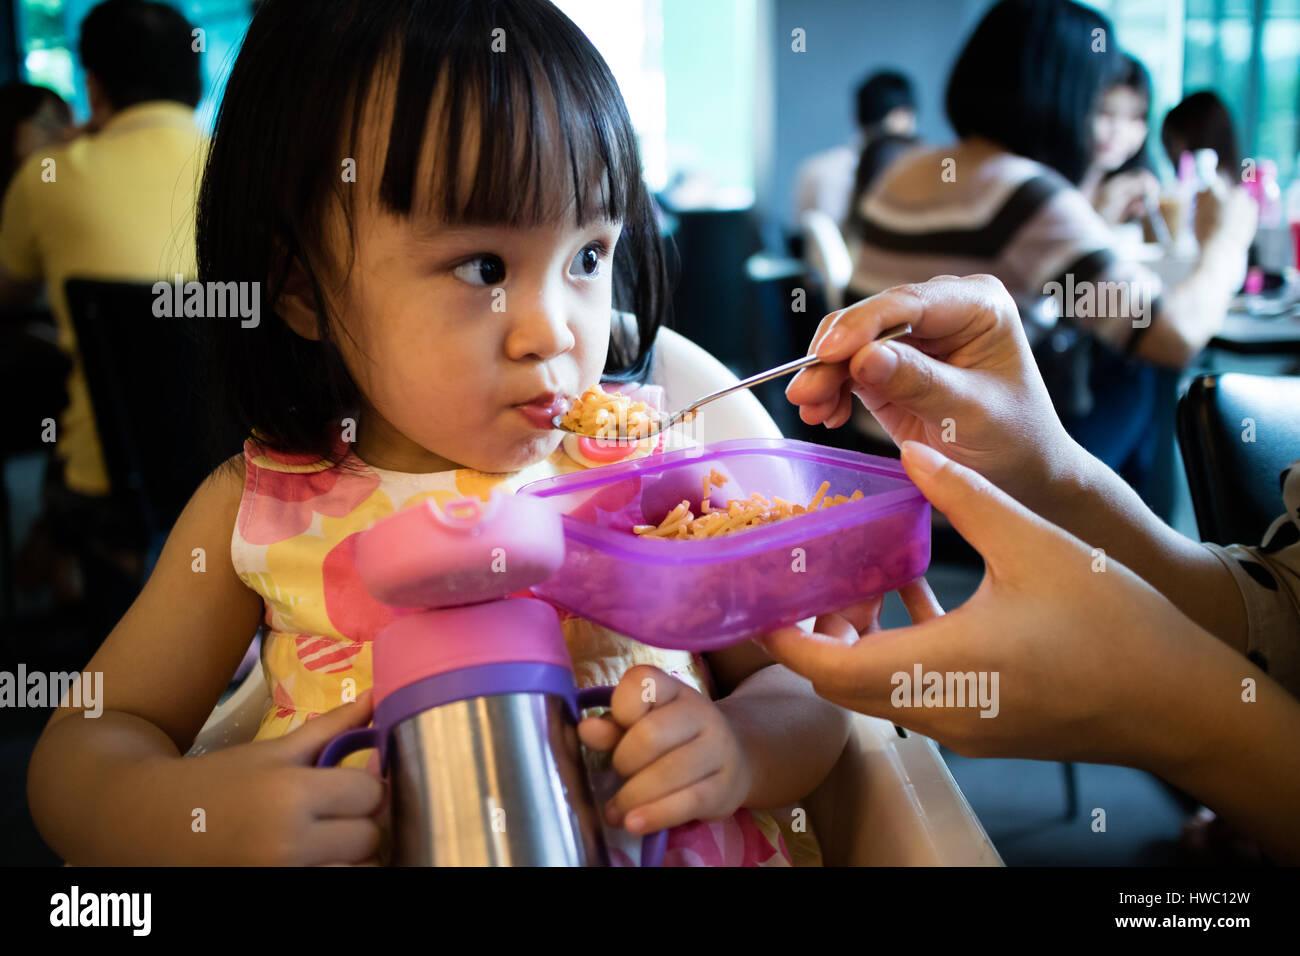 Asia alimentazione madre figlia del capretto di alimenti in un ristorante Immagini Stock